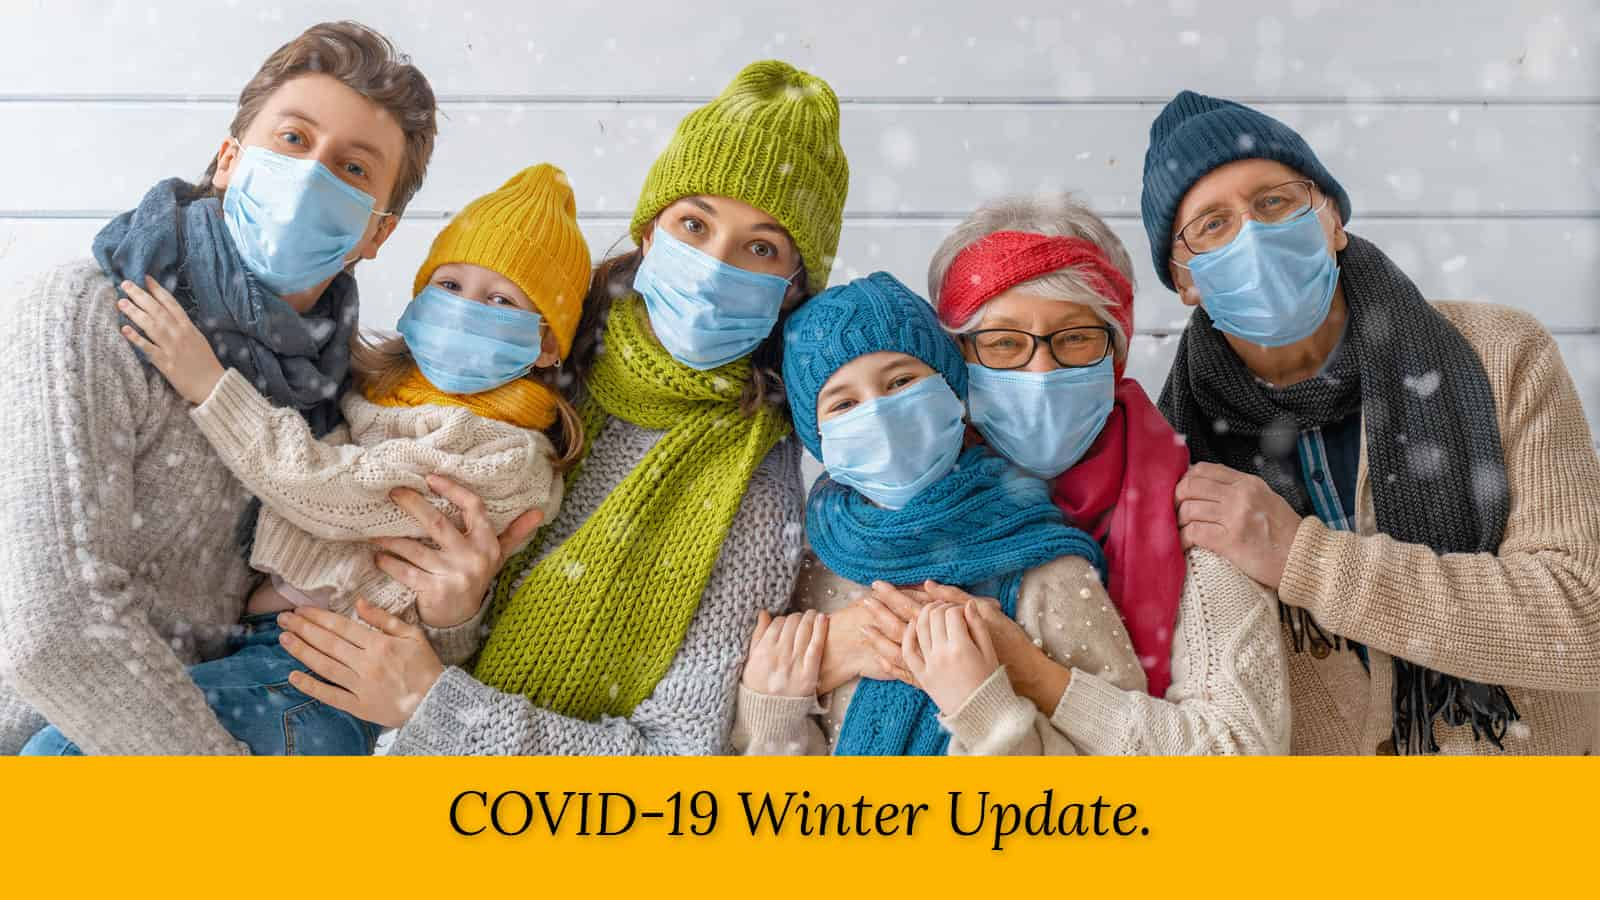 wmp-carousel-covid-19-winter-update1